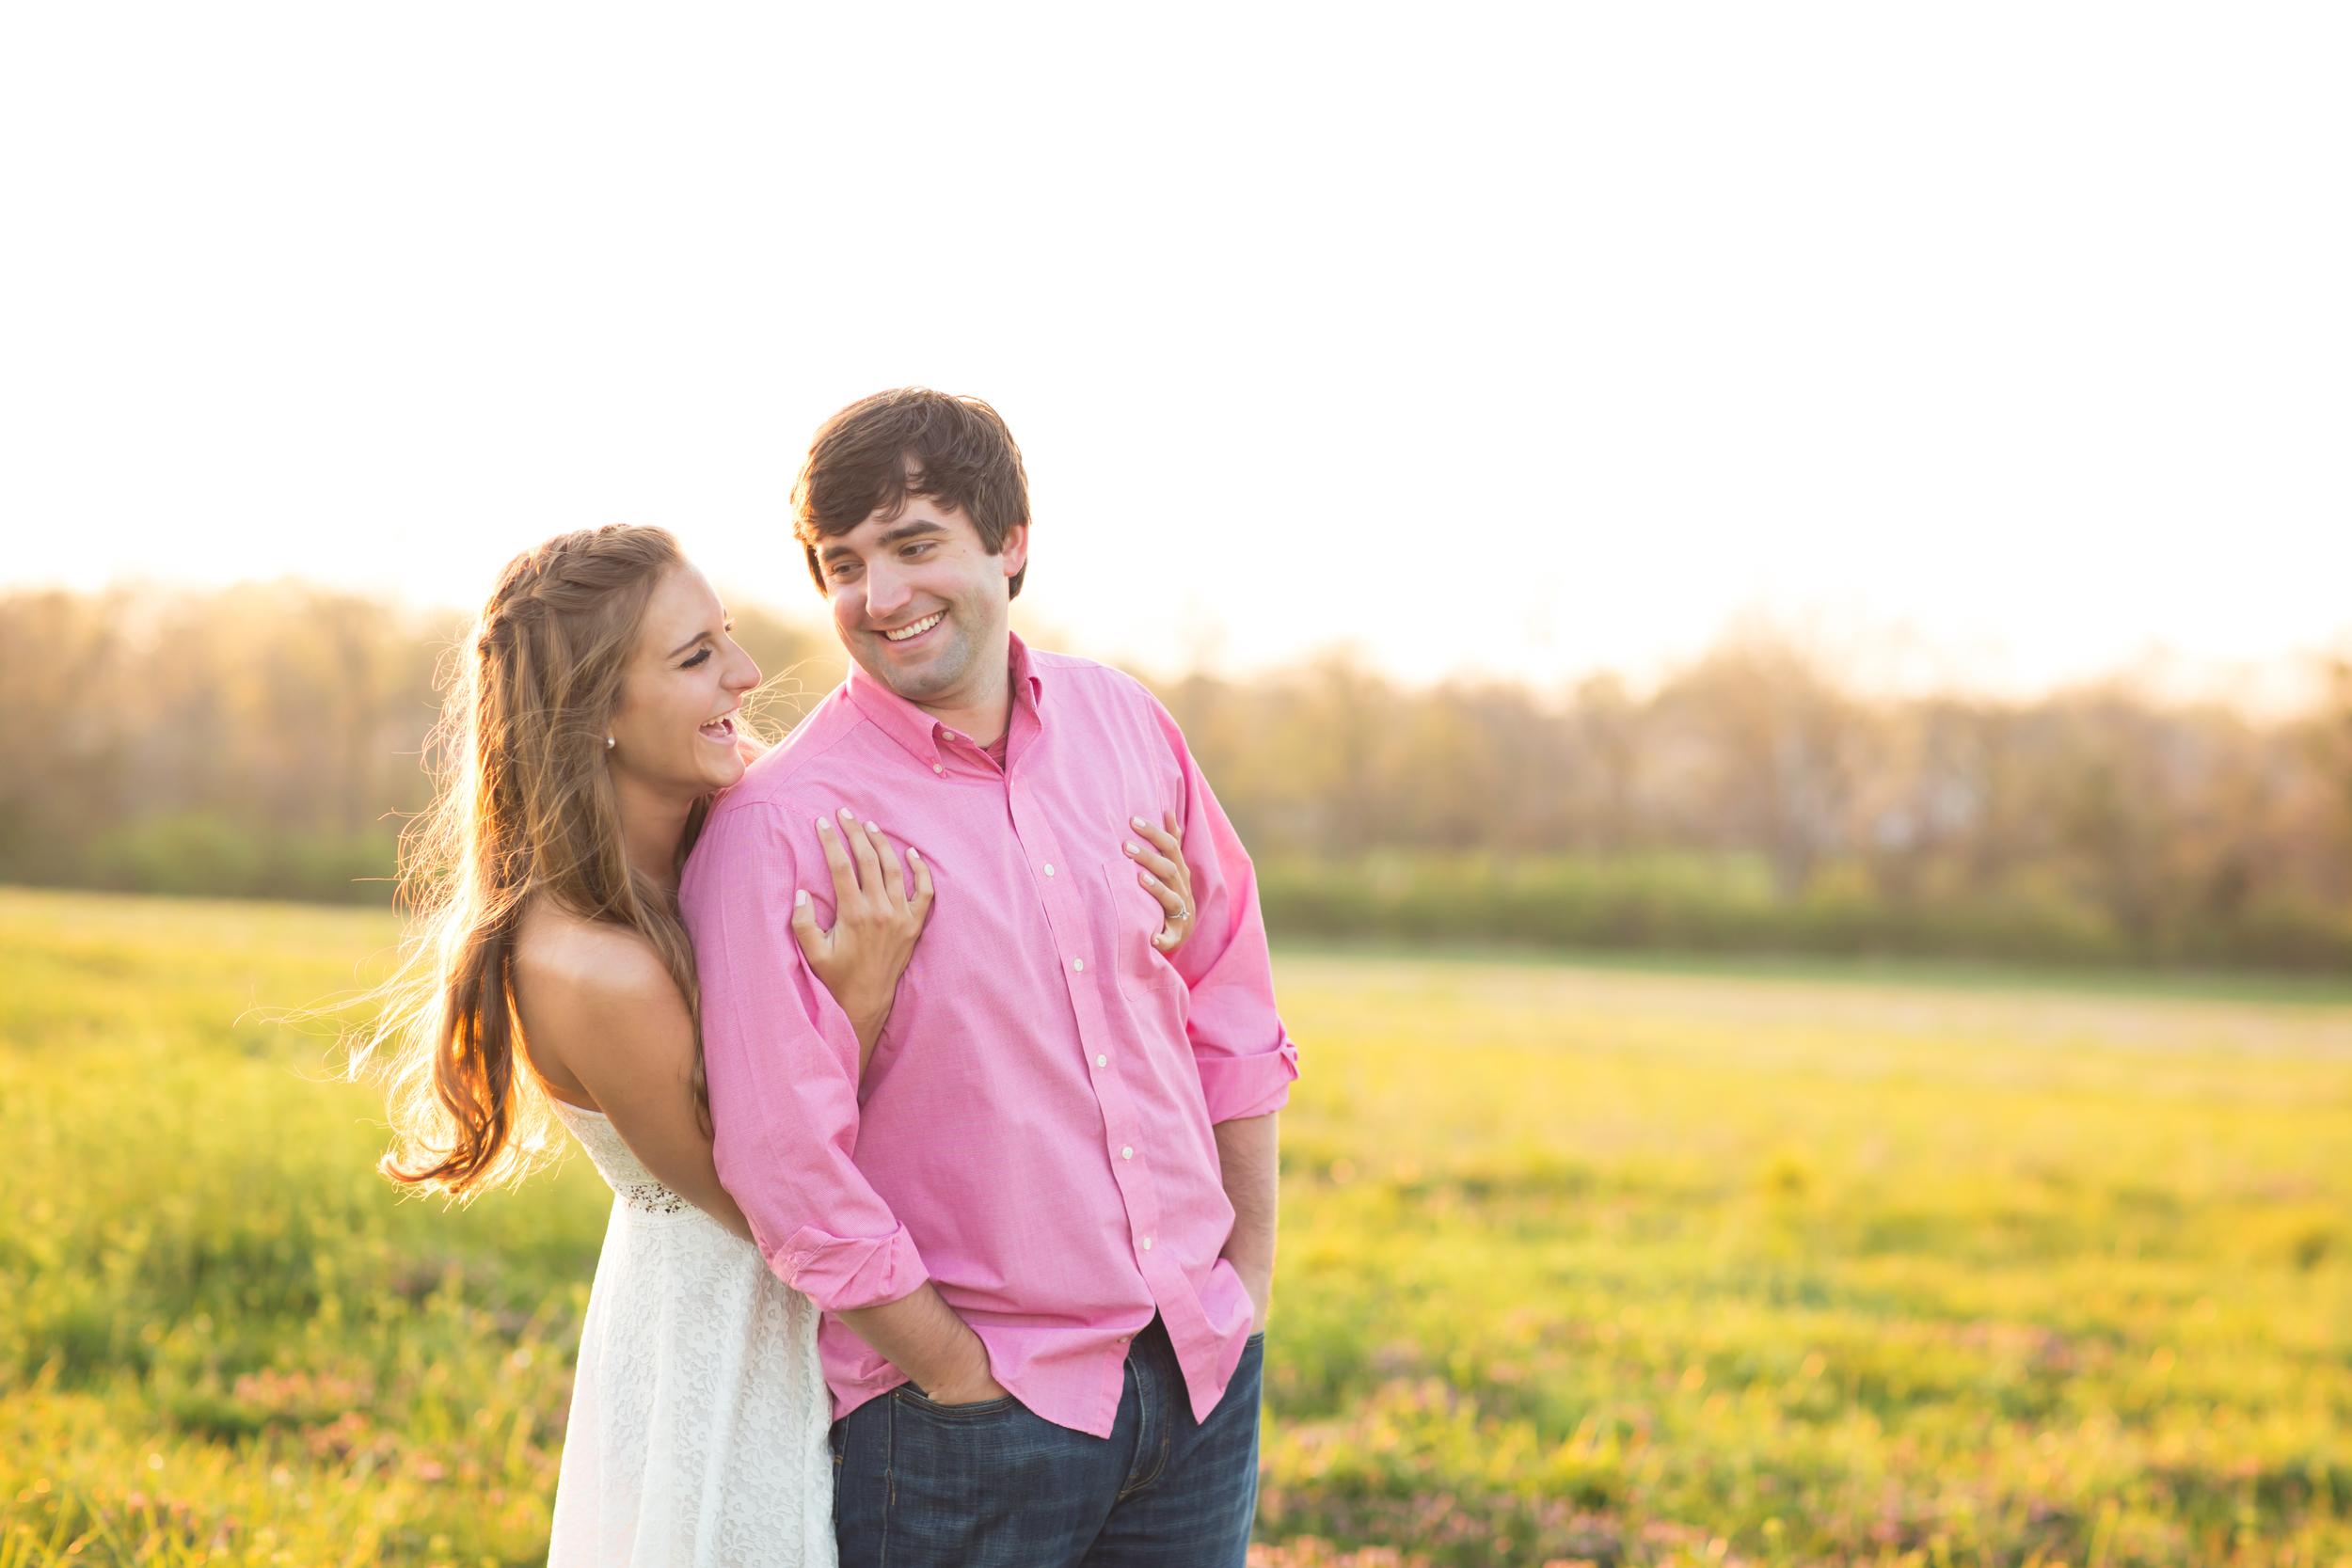 066_Zach+Emma_Engagement.jpg